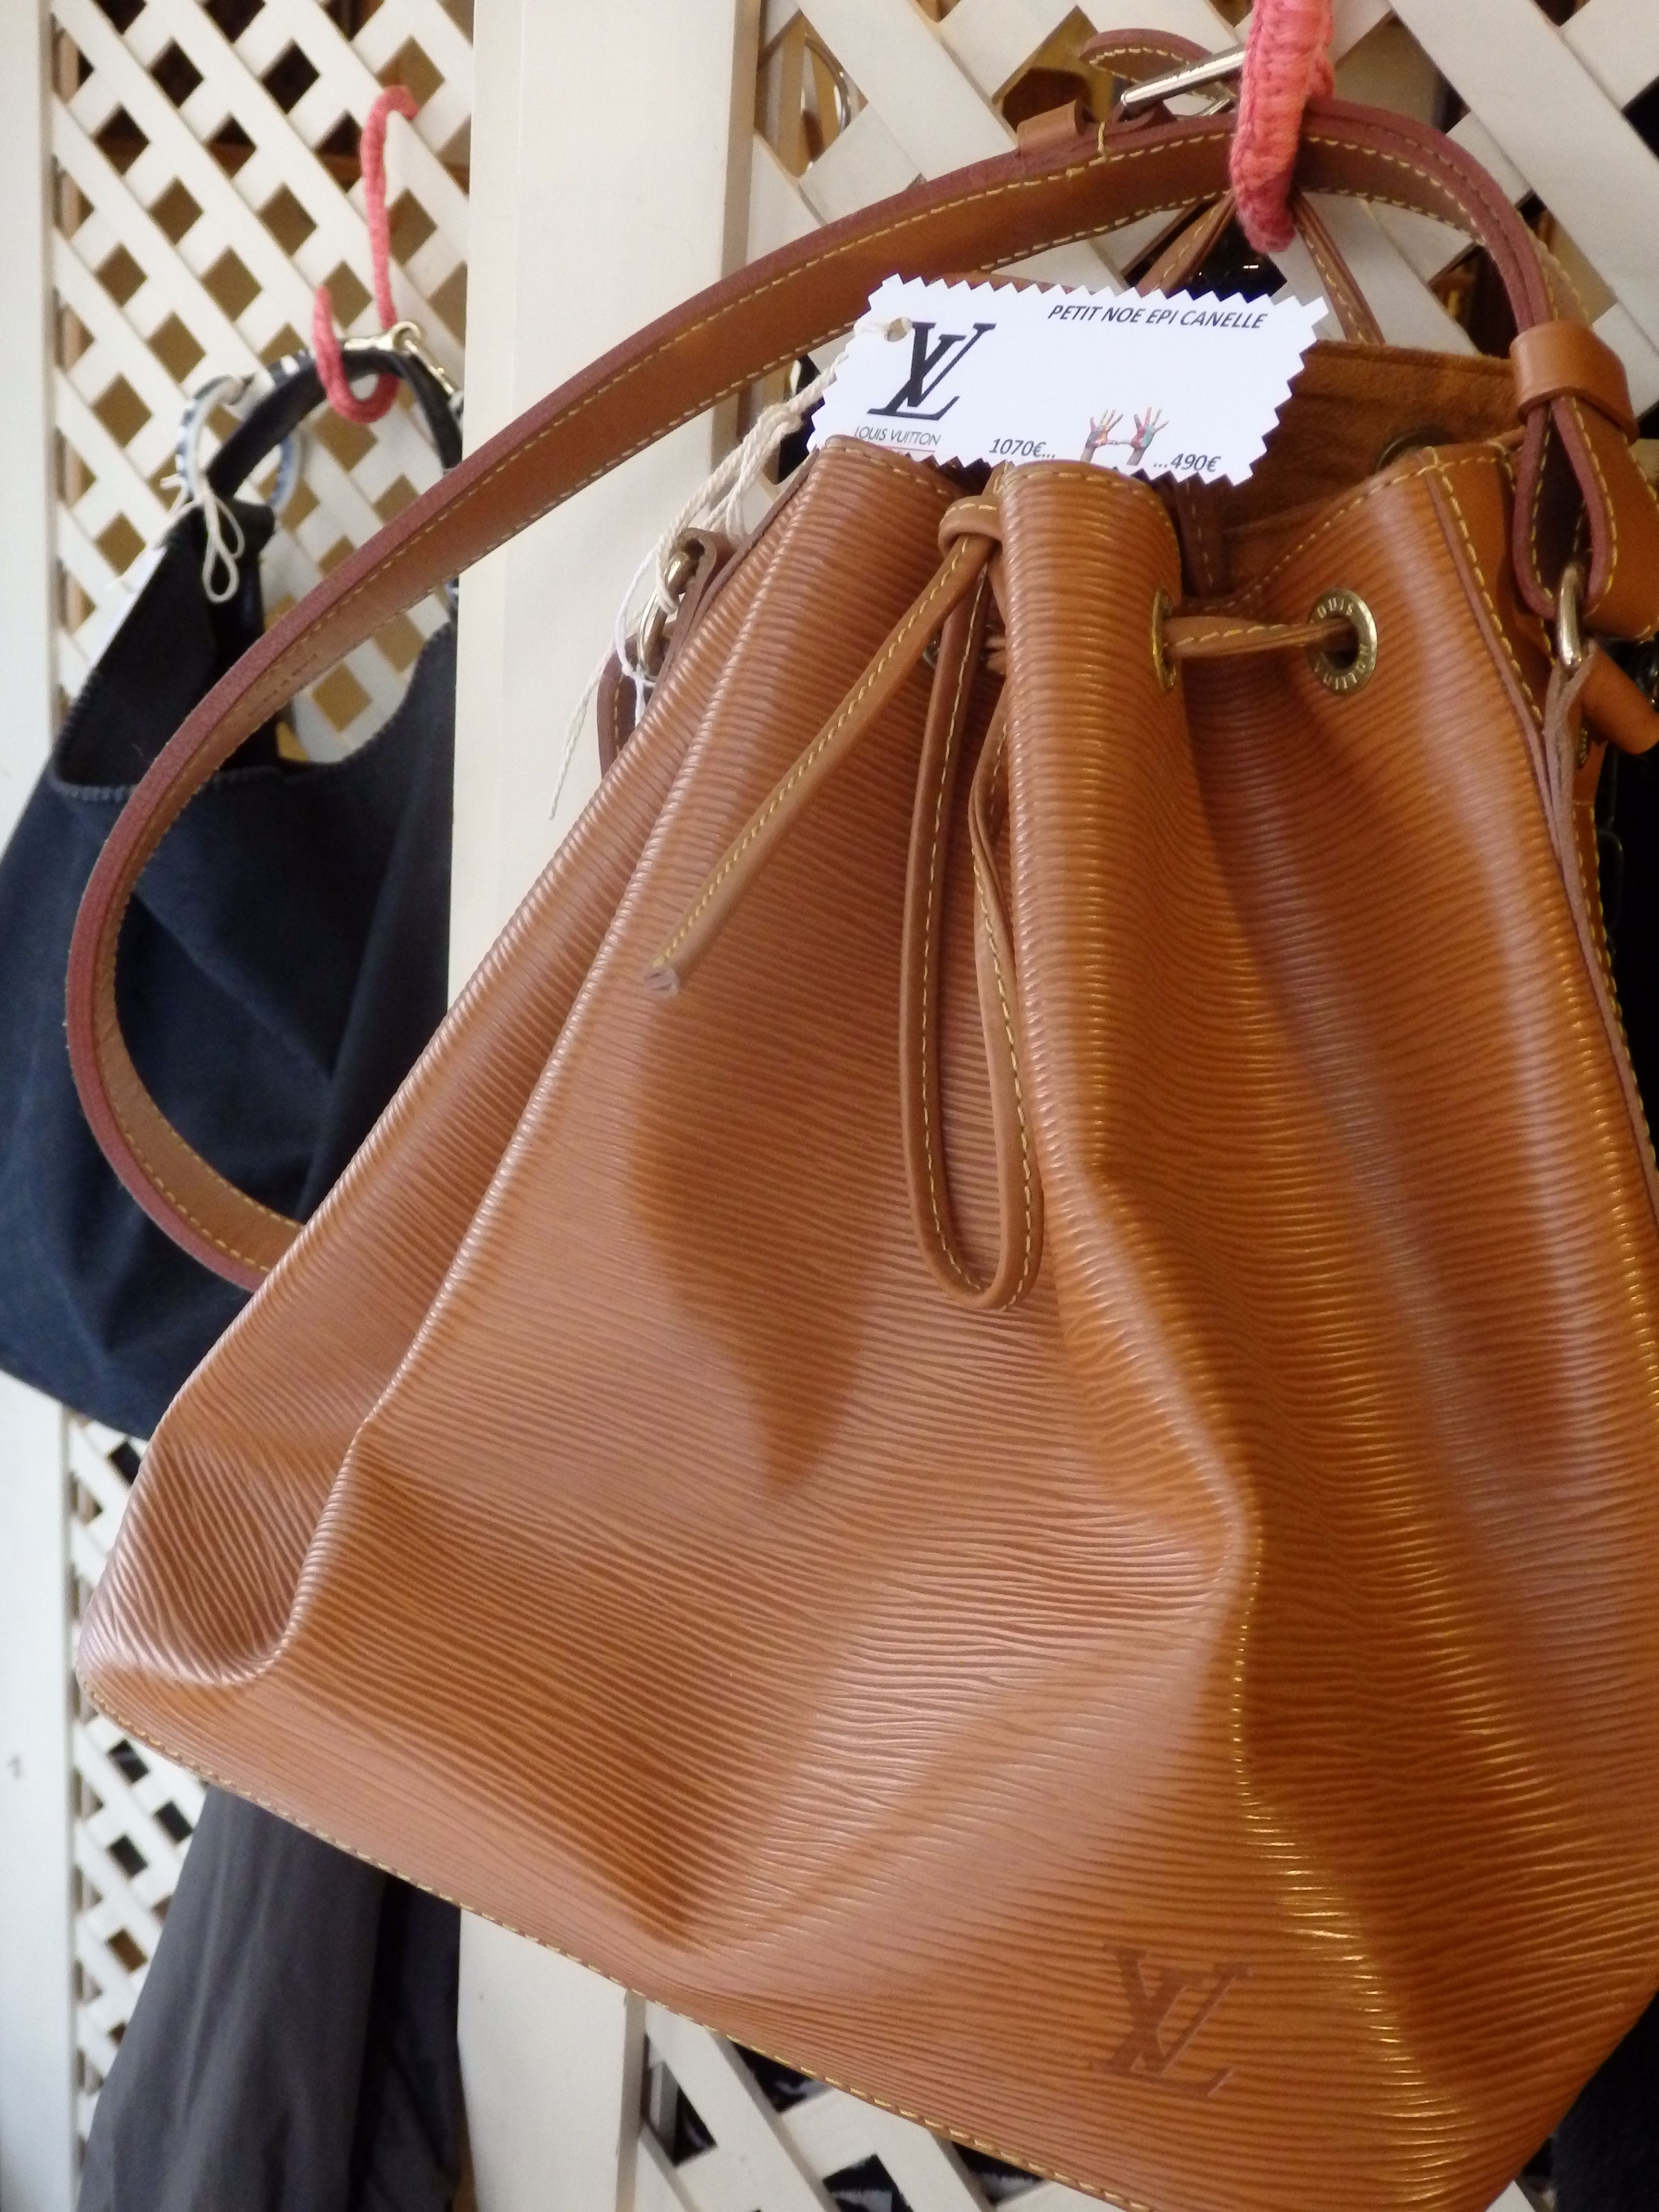 aa44bb495 Bolso tipo saco en piel marrón con cierre de cordón de Louis Vuitton ...